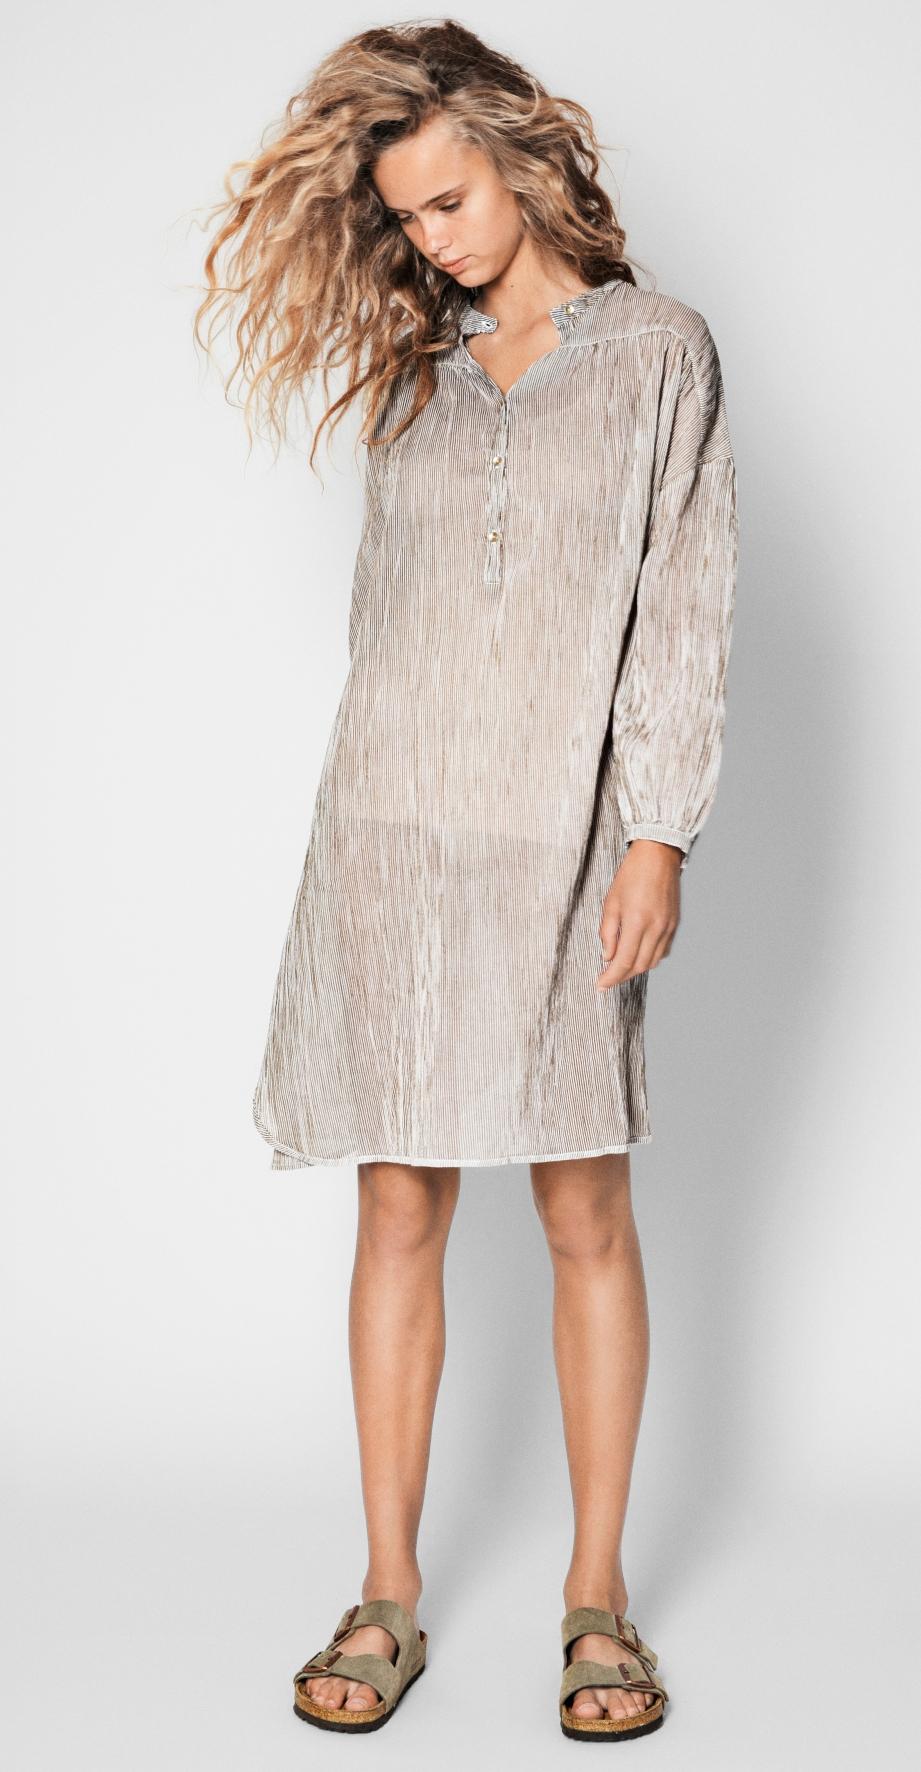 Aiayu_2018_VOL_1_Wear_image_Gaucho_dress_1